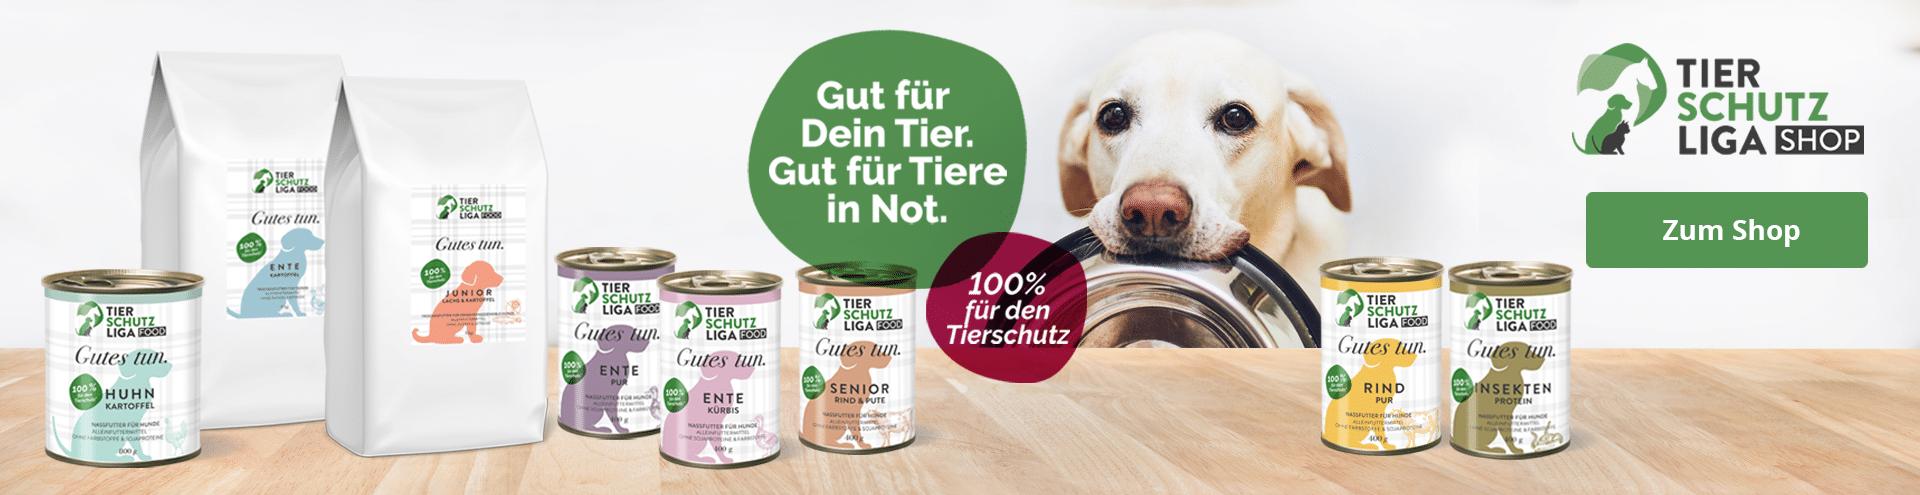 Startseite-Stiftung-Header-Hund Katzenstation Netzschkau